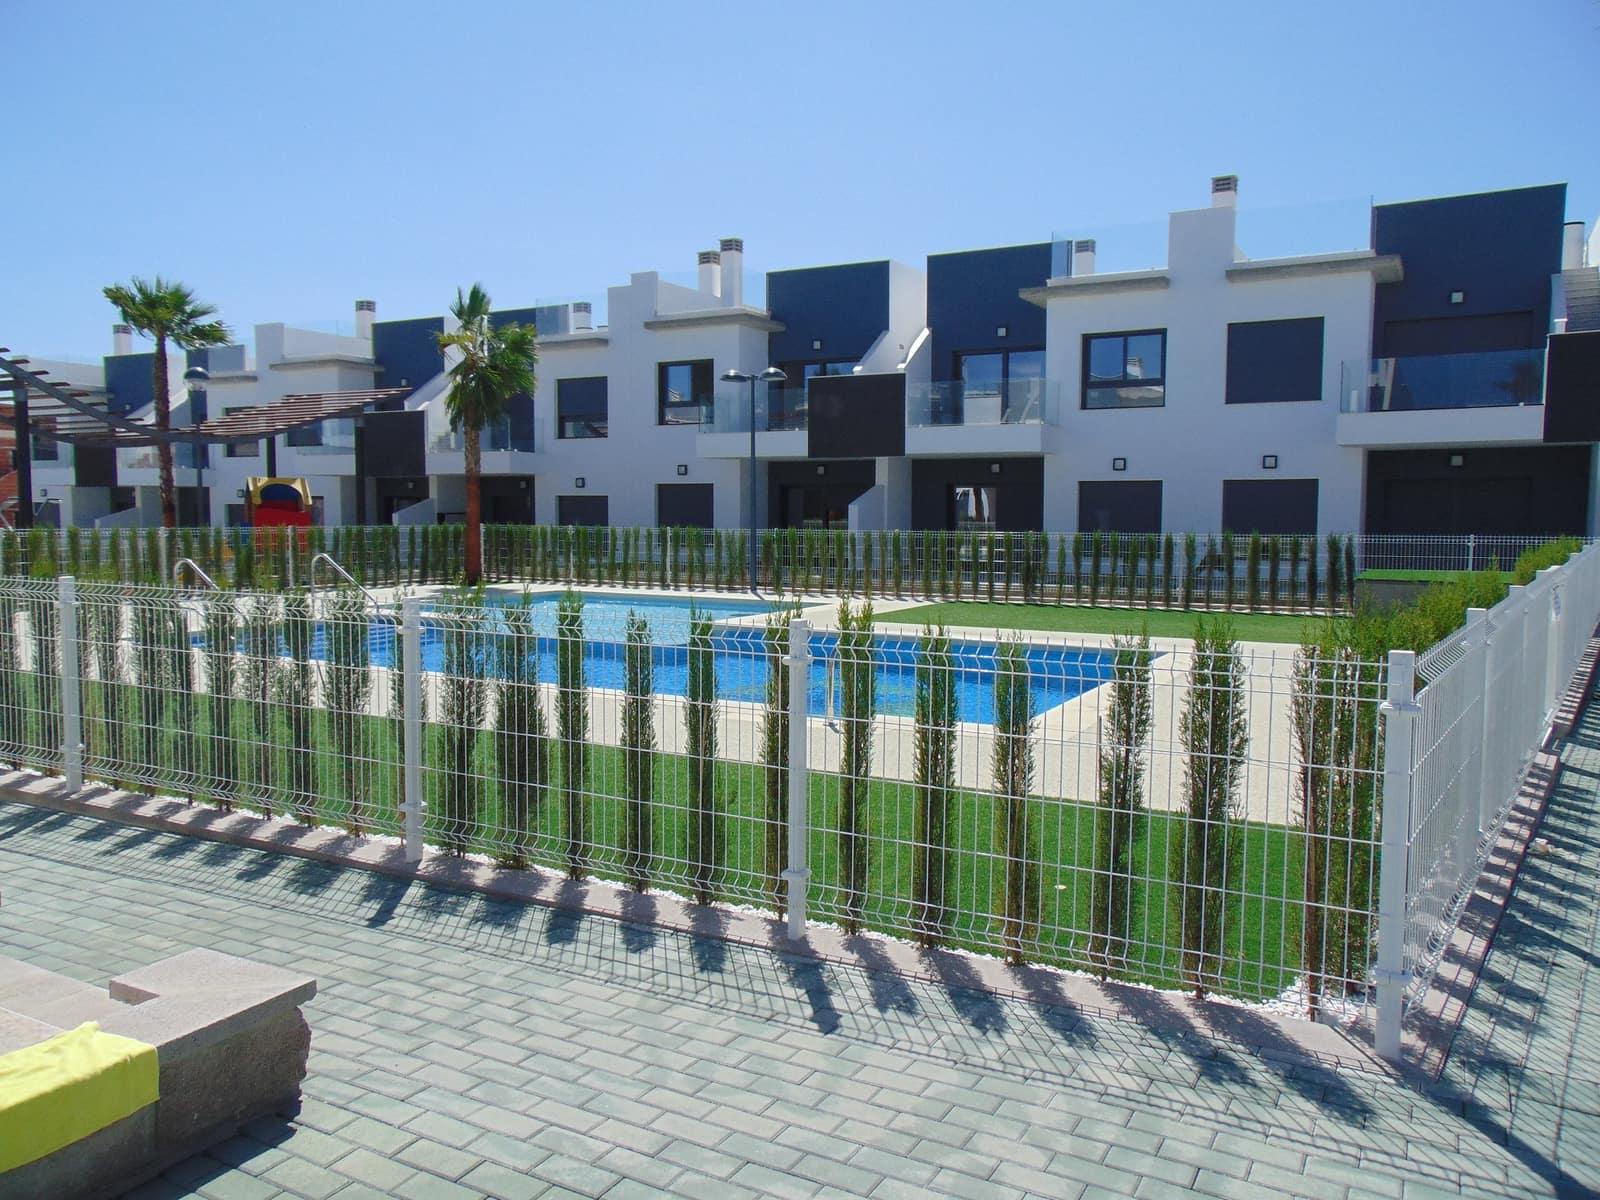 Bungalow de 1 habitación en Pilar de la Horadada en venta con piscina - 99.900 € (Ref: 4925994)